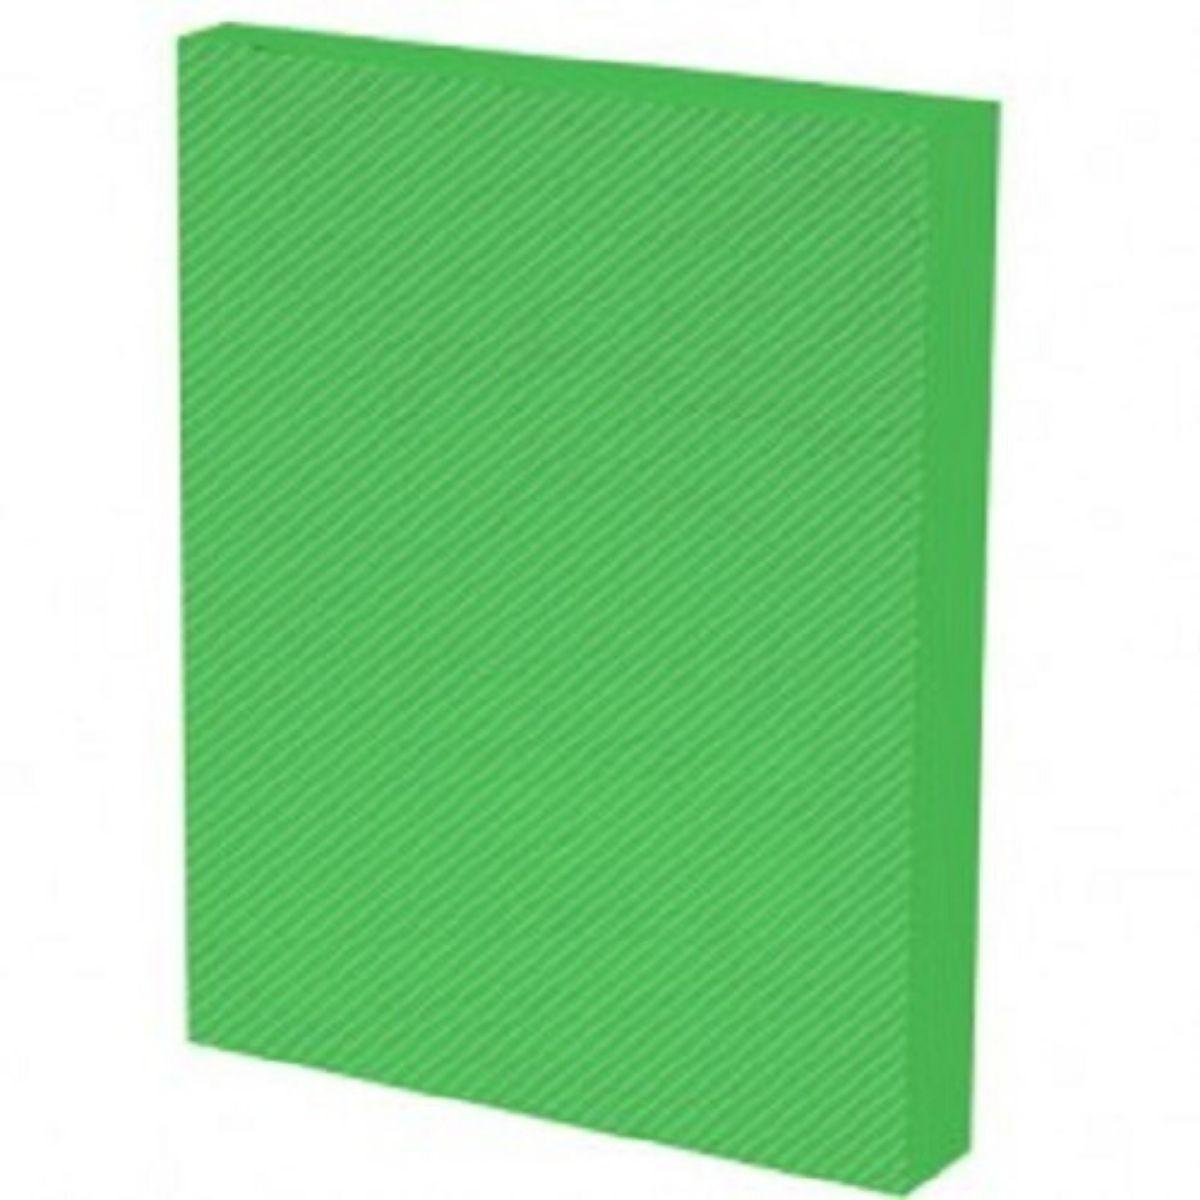 Kit 1000 Capas para Encadernação PP 0,30mm A4 Verde Line (Frente)  - Click Suprimentos